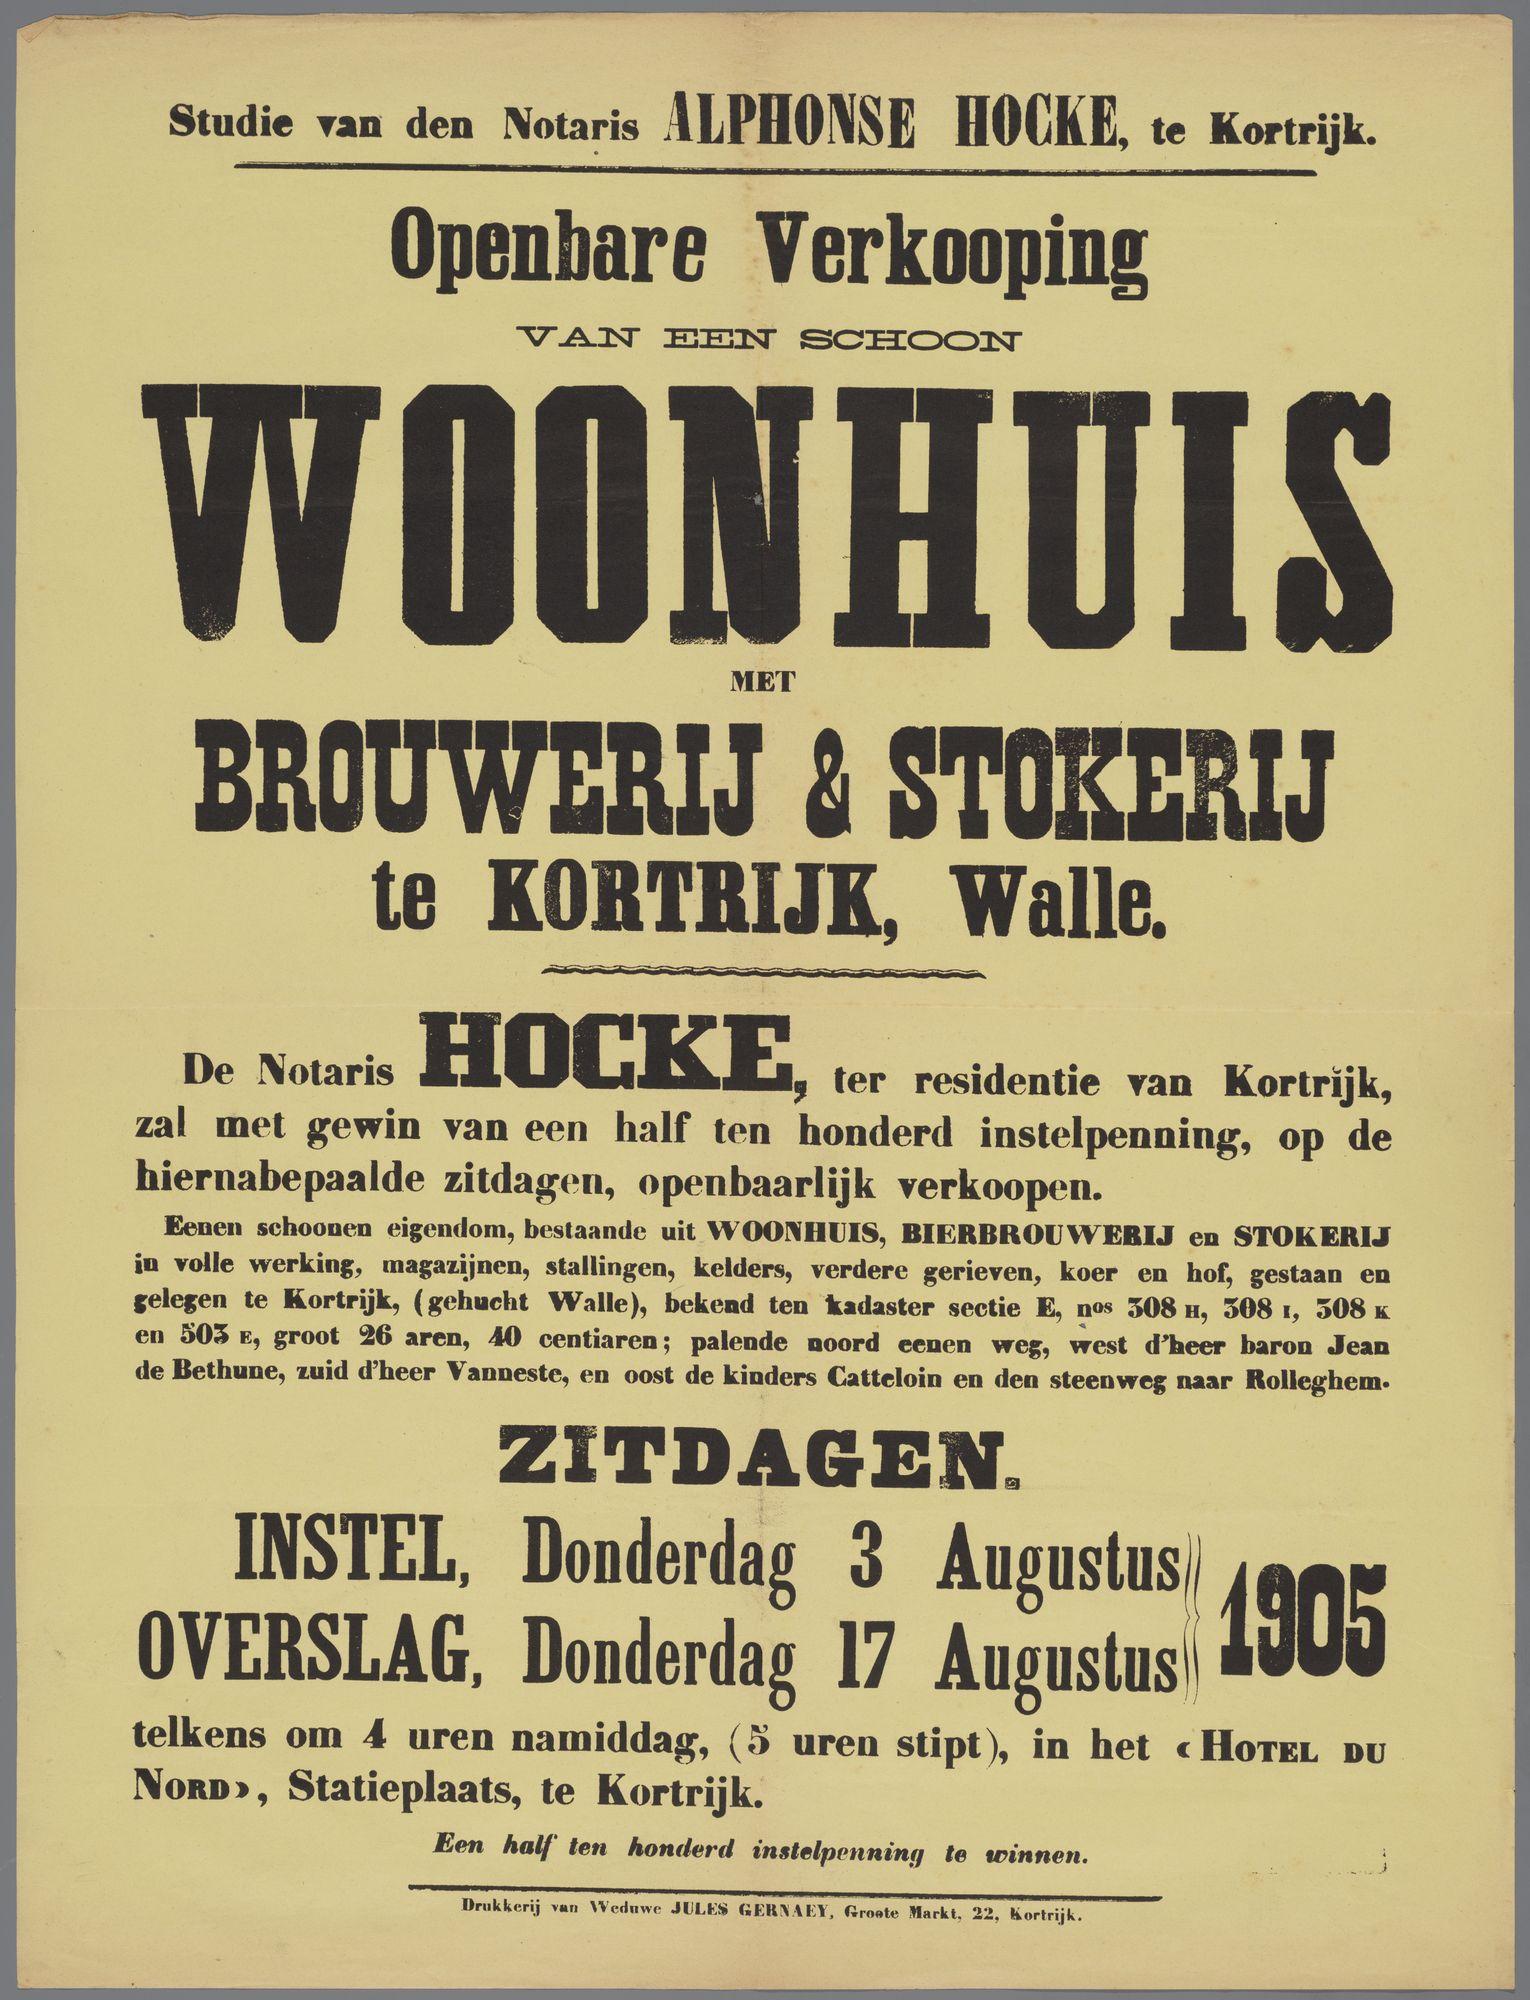 Verkoop woonhuis met brouwerij en stokerij te Kortrijk 1905